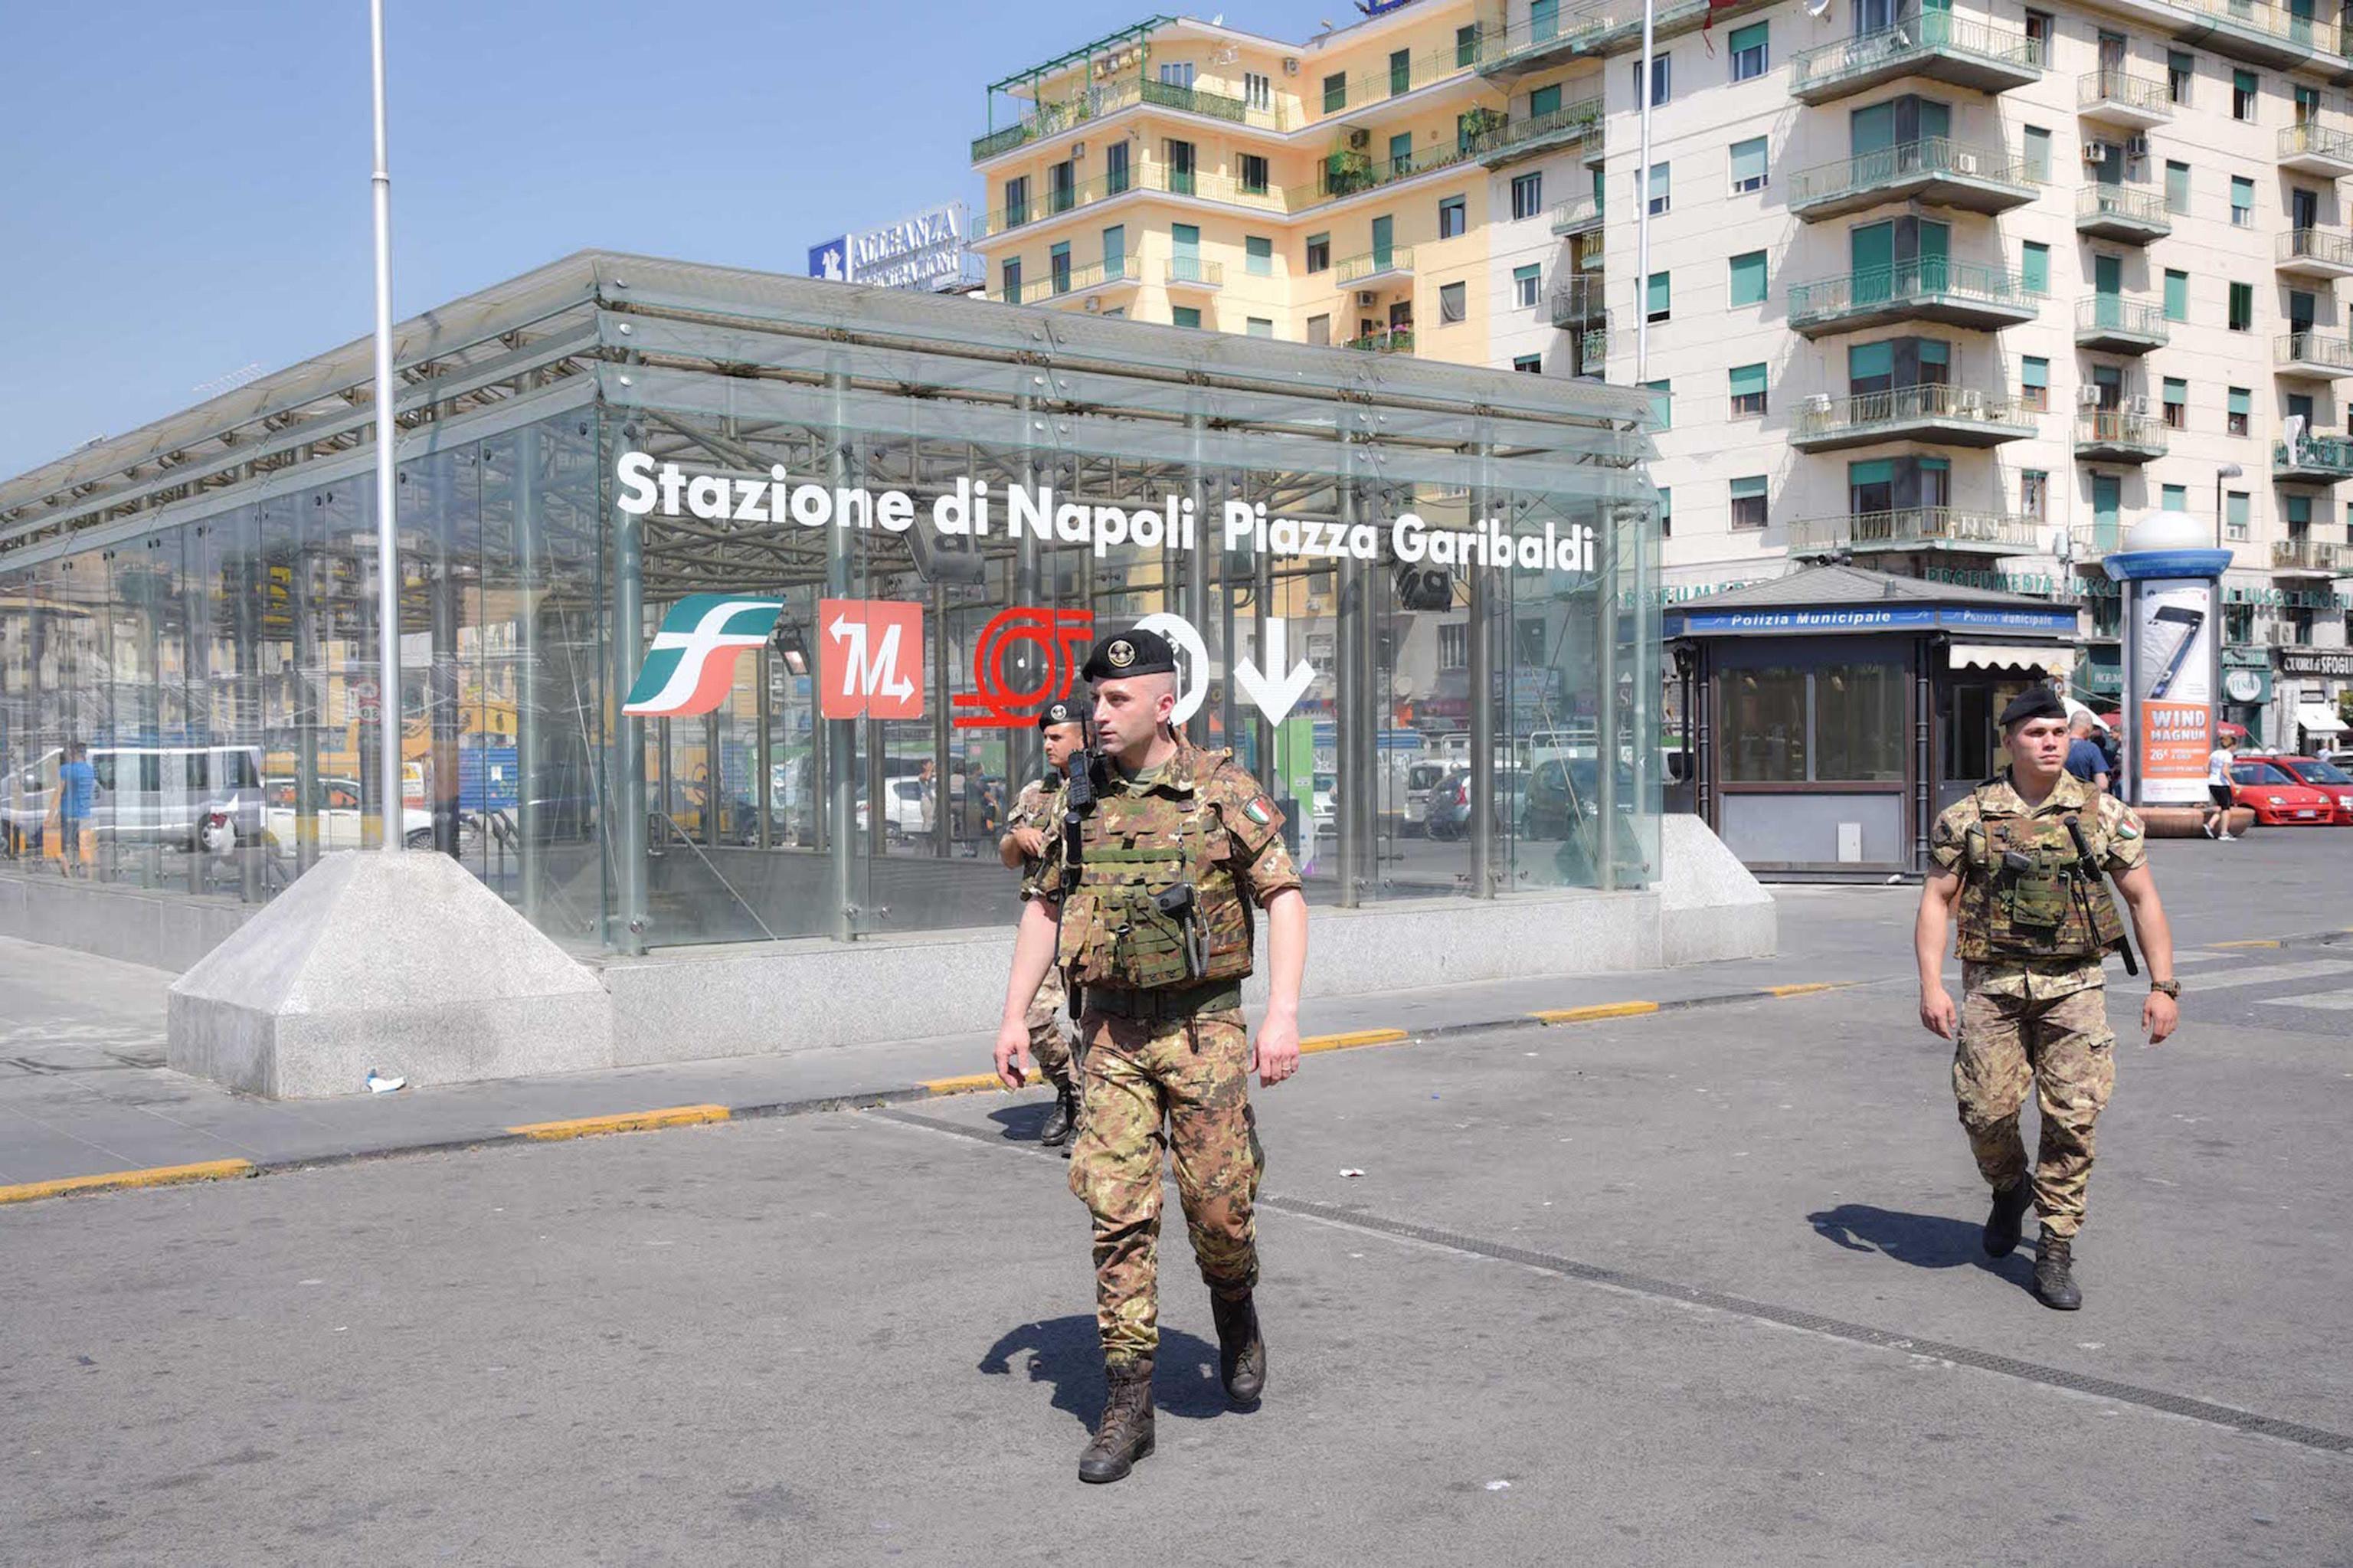 Napoli: africano aggredisce passanti senza motivo, interviene l'Esercito